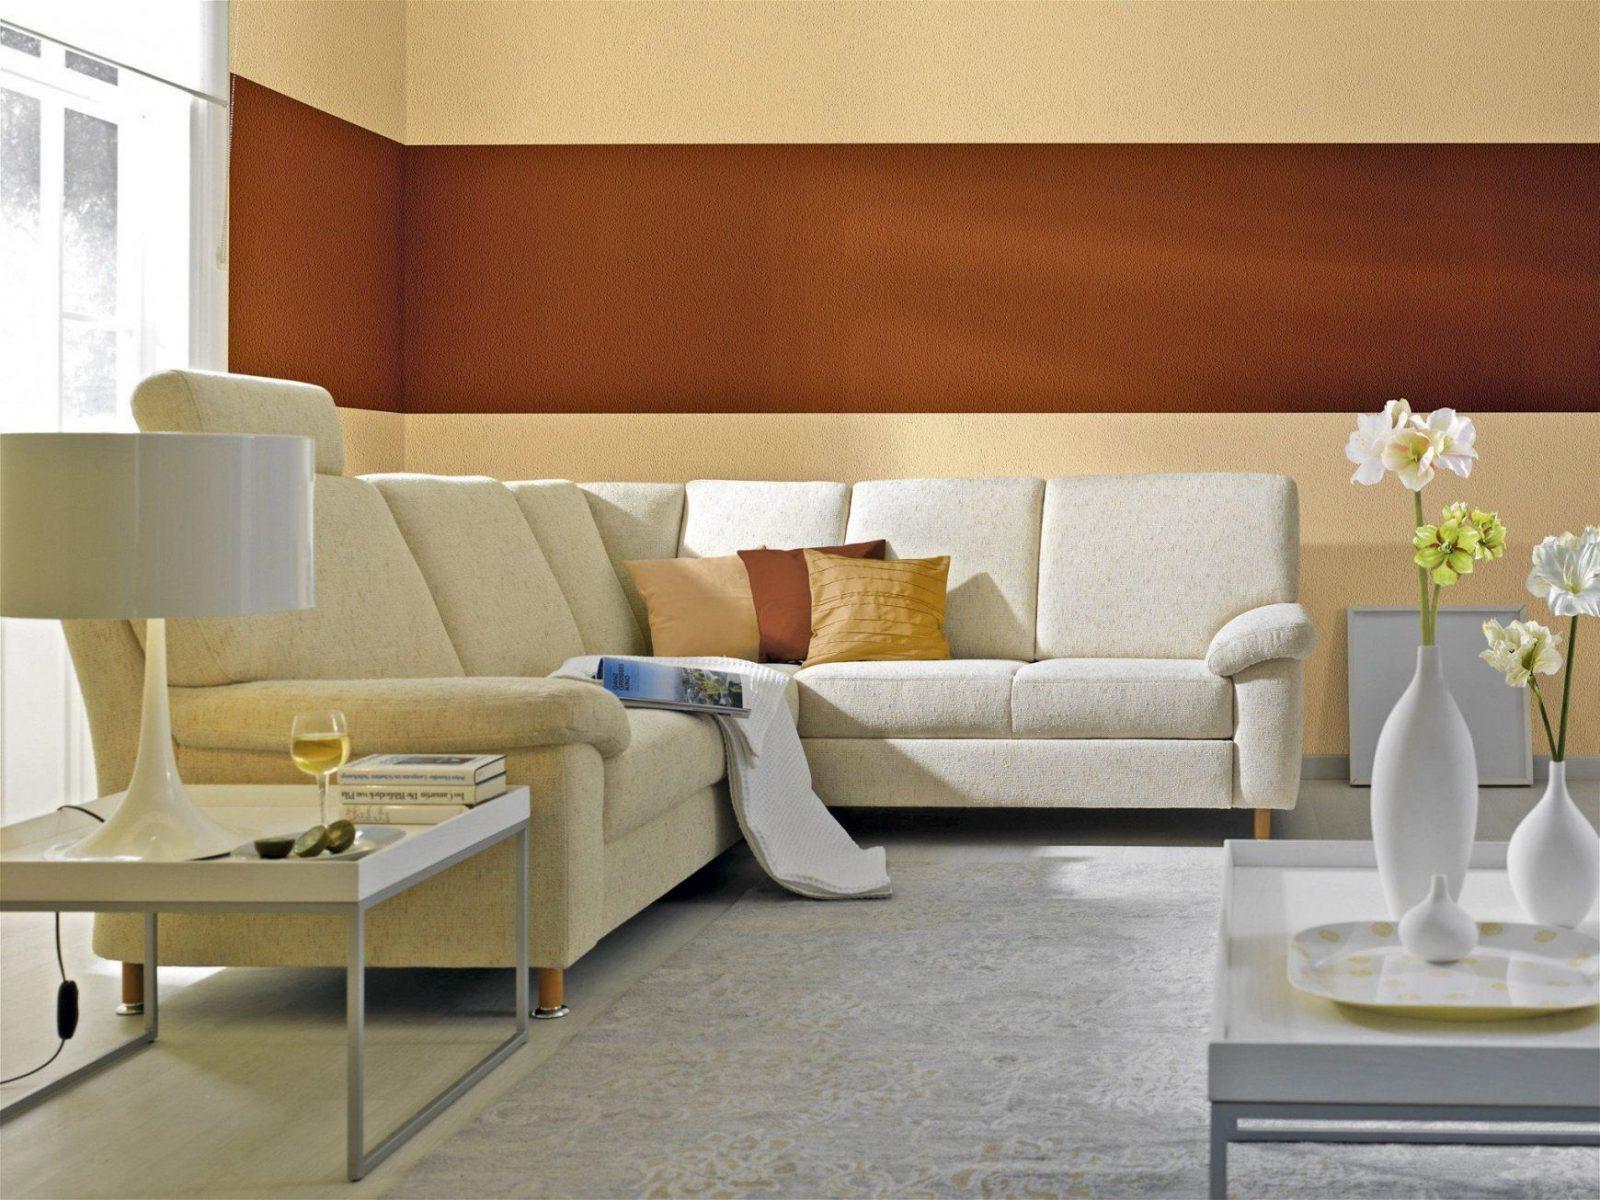 Wohnzimmer Wände Farbig Gestalten  Wohnzimmerwände Farbig Und Wände von Wohnzimmer Wände Farblich Gestalten Photo